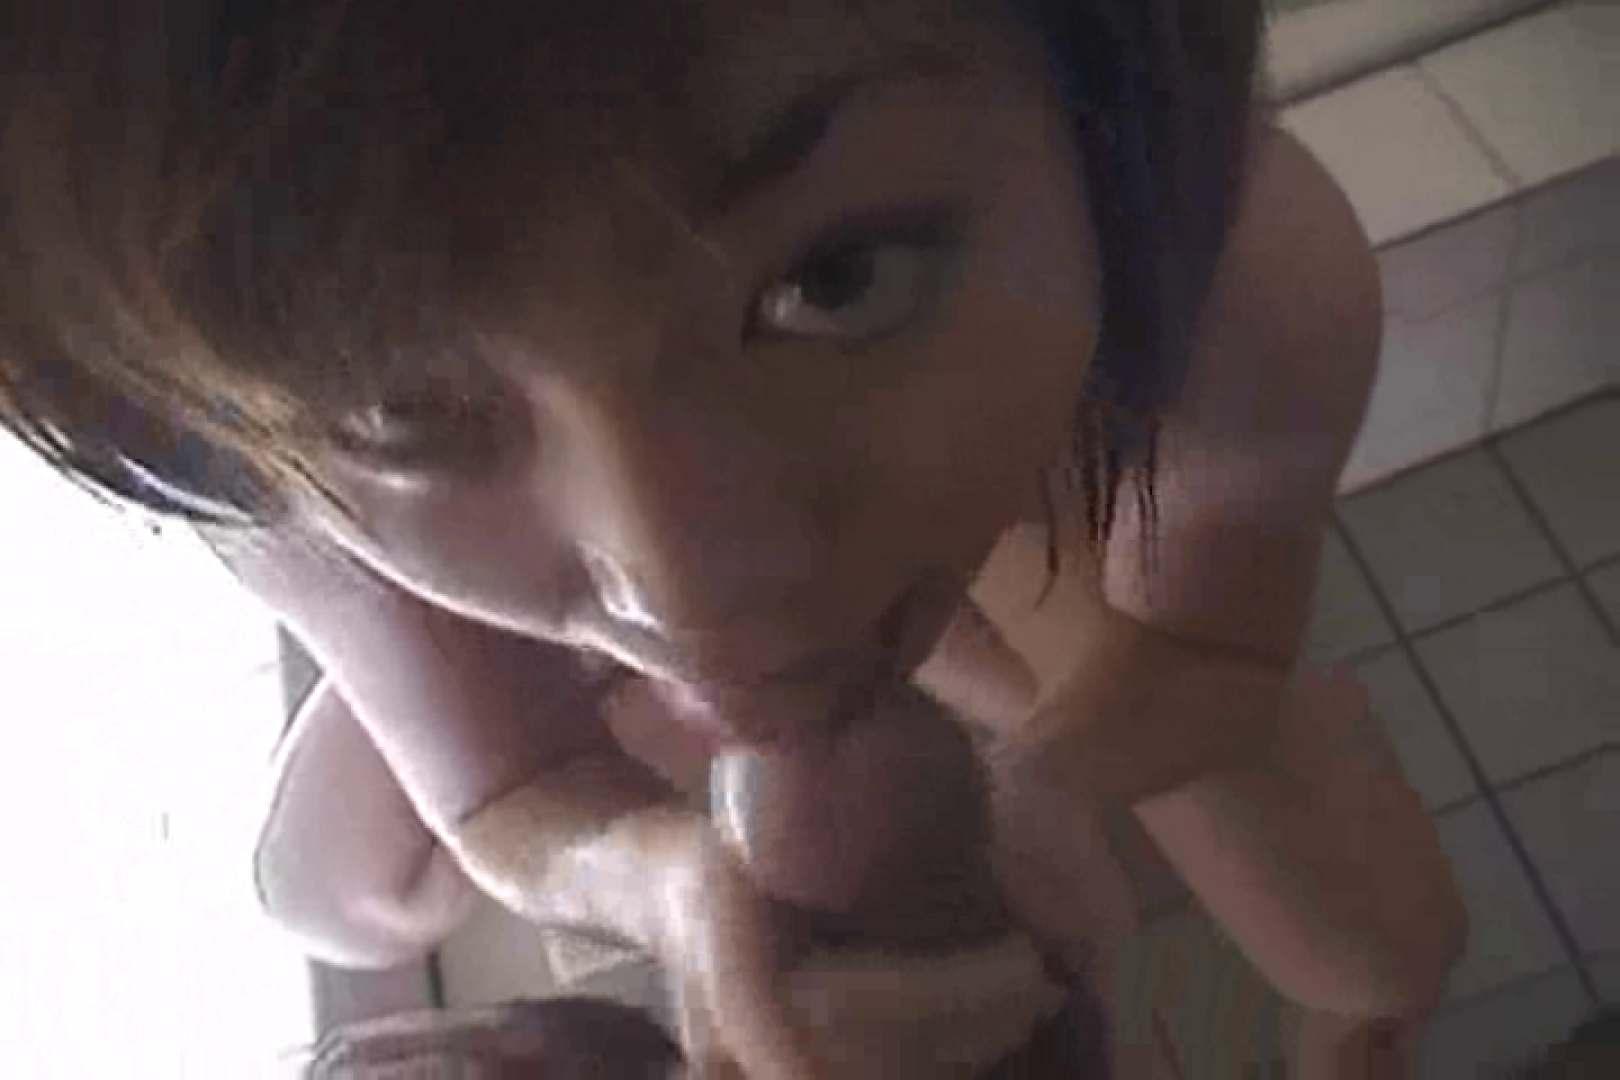 素人嬢126人のハメ撮り 川村美幸 バイブプレイ | メーカー直接買い取り  73pic 46